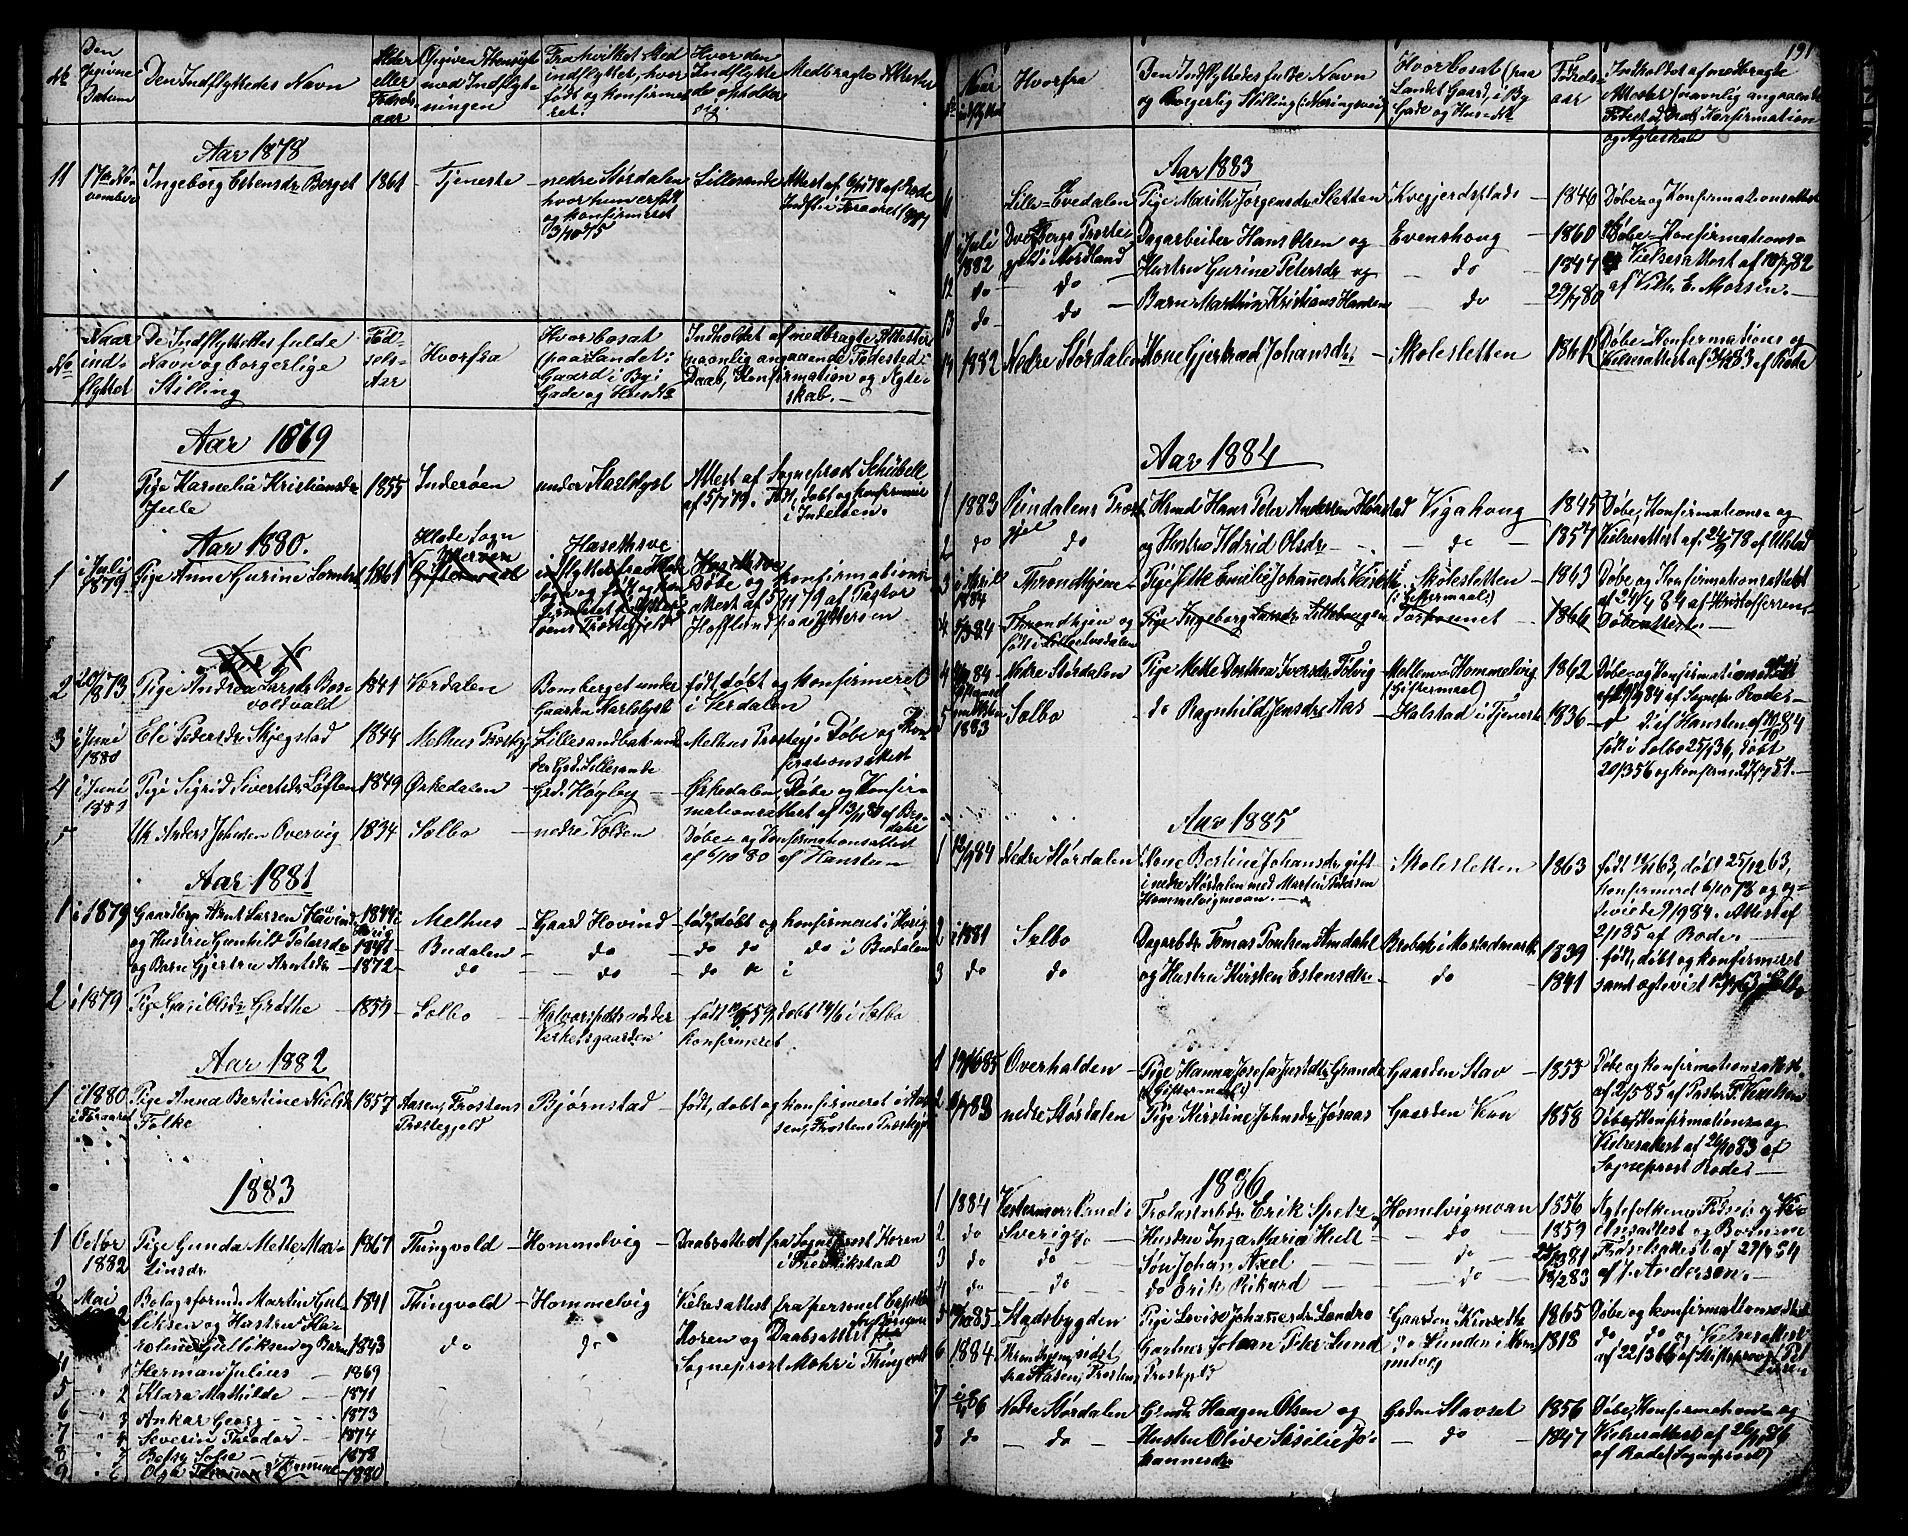 SAT, Ministerialprotokoller, klokkerbøker og fødselsregistre - Sør-Trøndelag, 616/L0422: Klokkerbok nr. 616C05, 1850-1888, s. 191